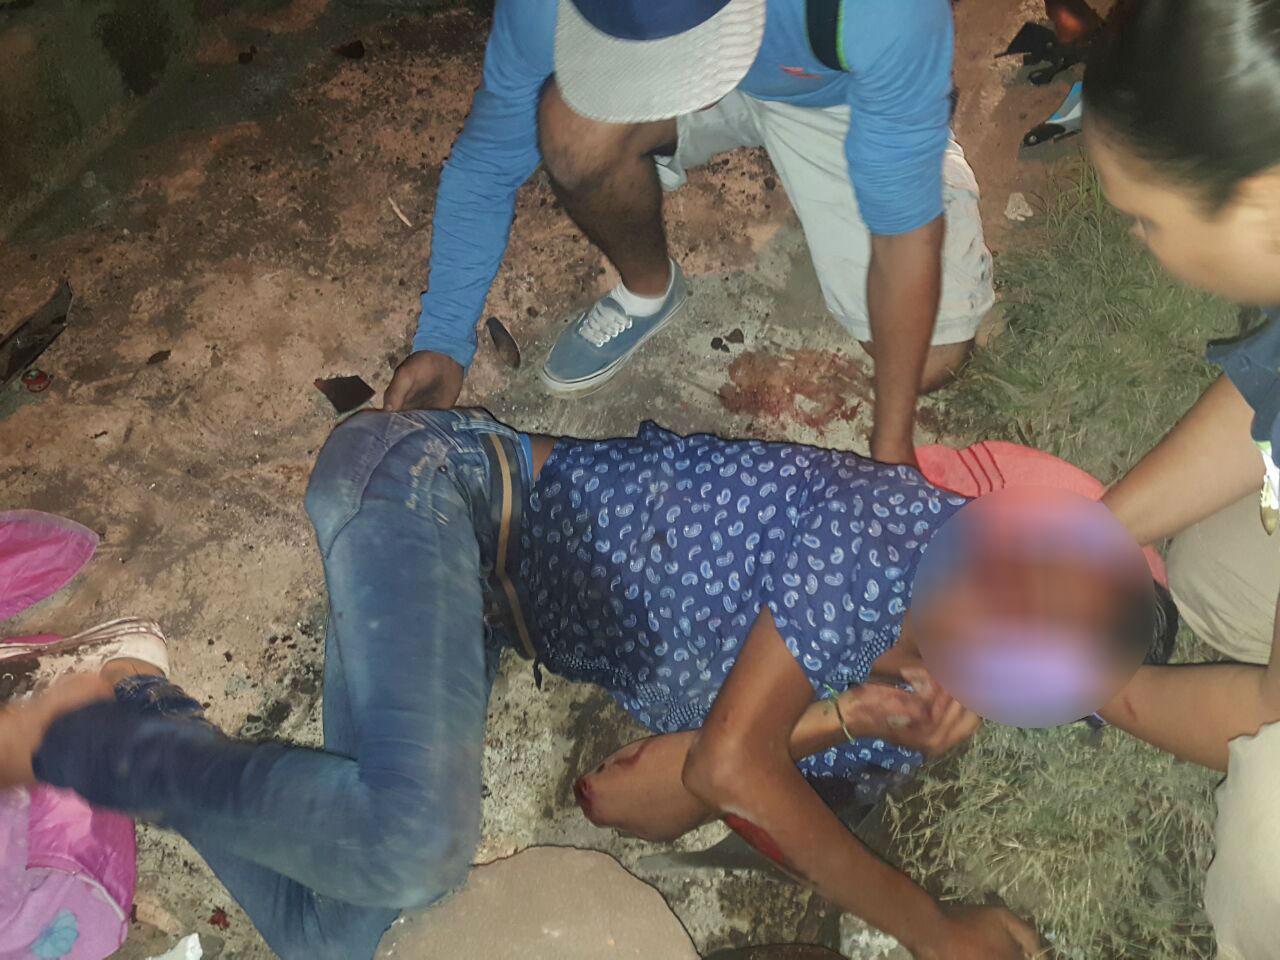 Dos menores lesionados al derrapar su motocicleta en Zamora